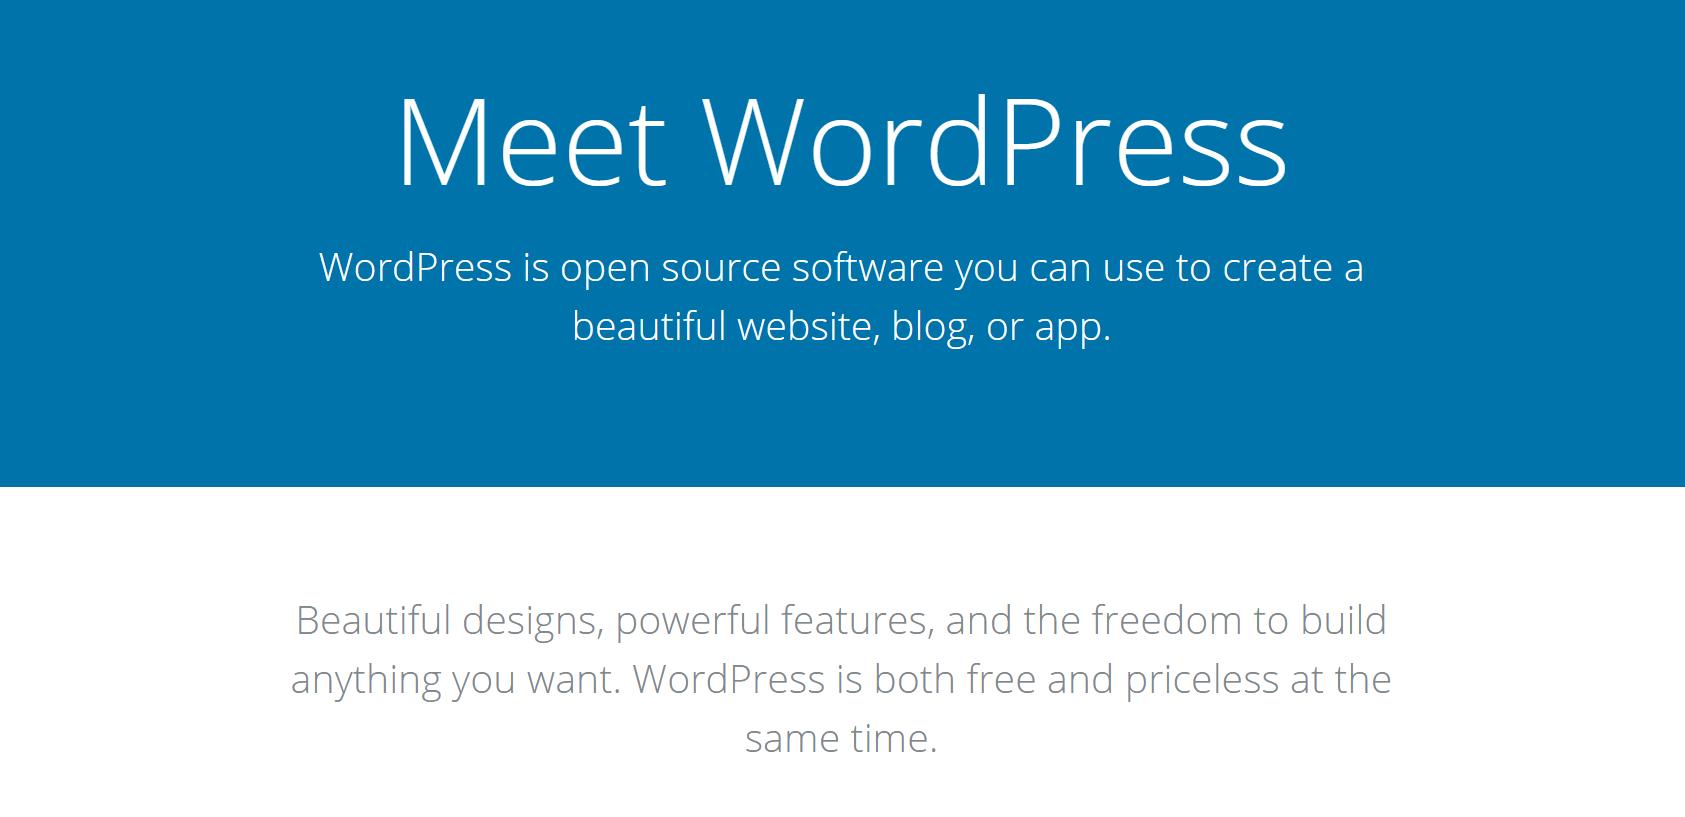 The WordPress website.